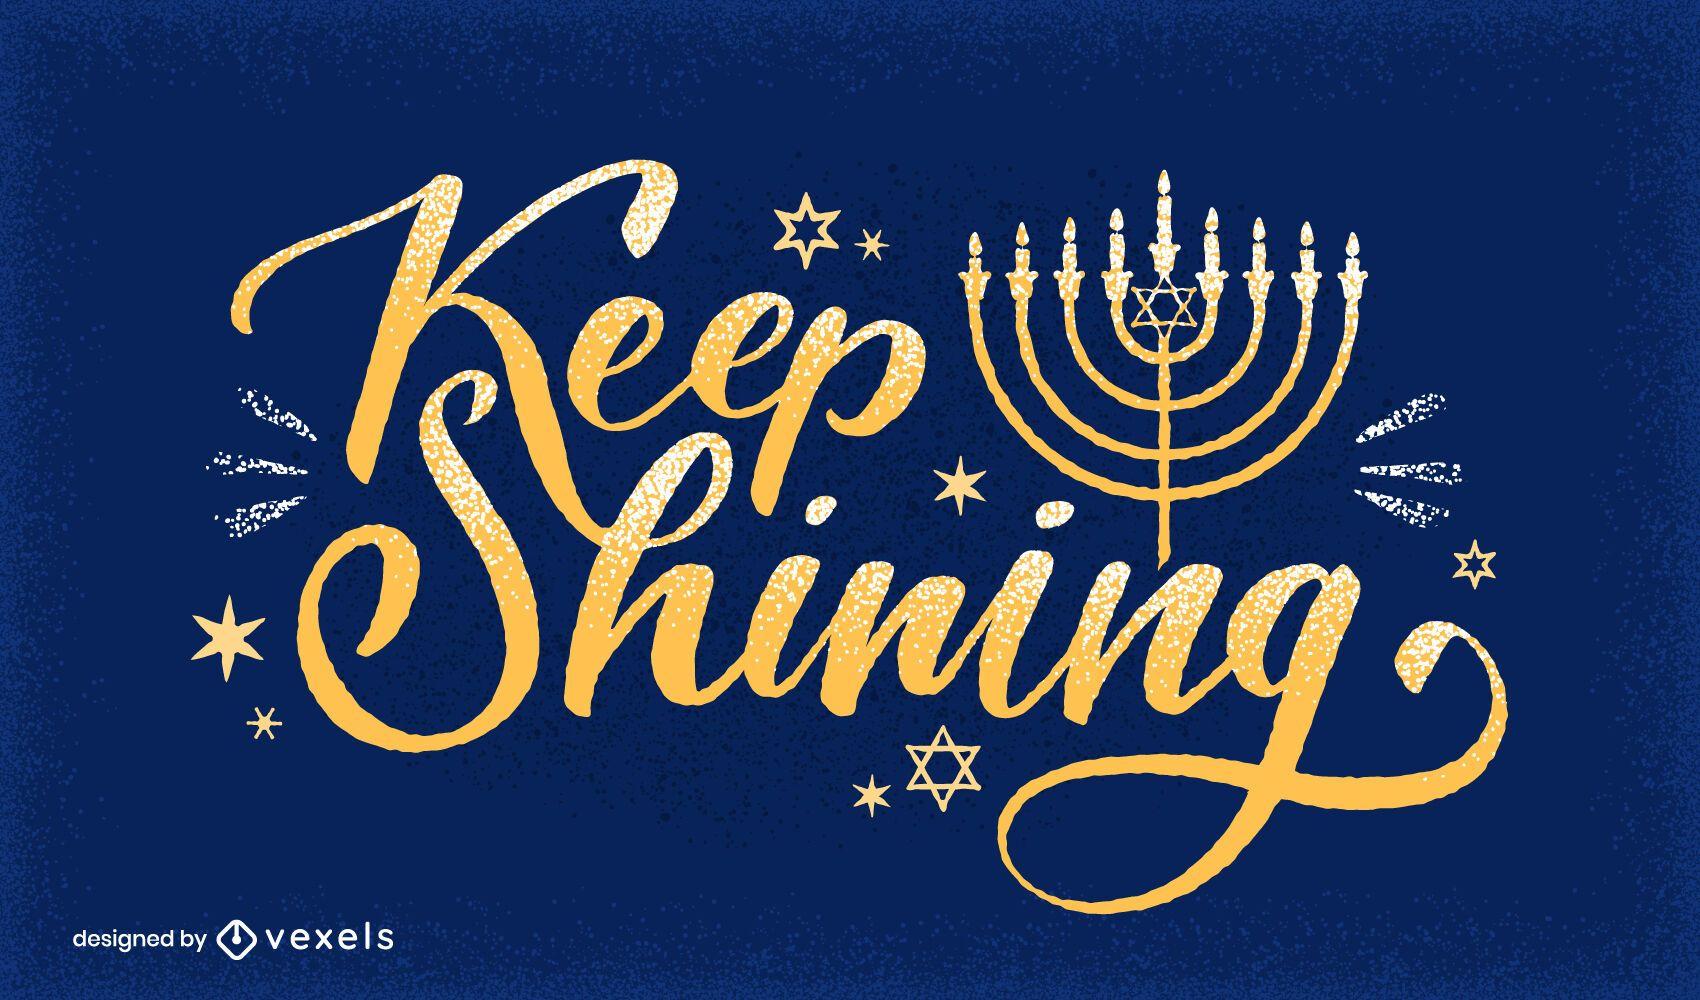 Sigue brillando el dise?o de letras de hanukkah